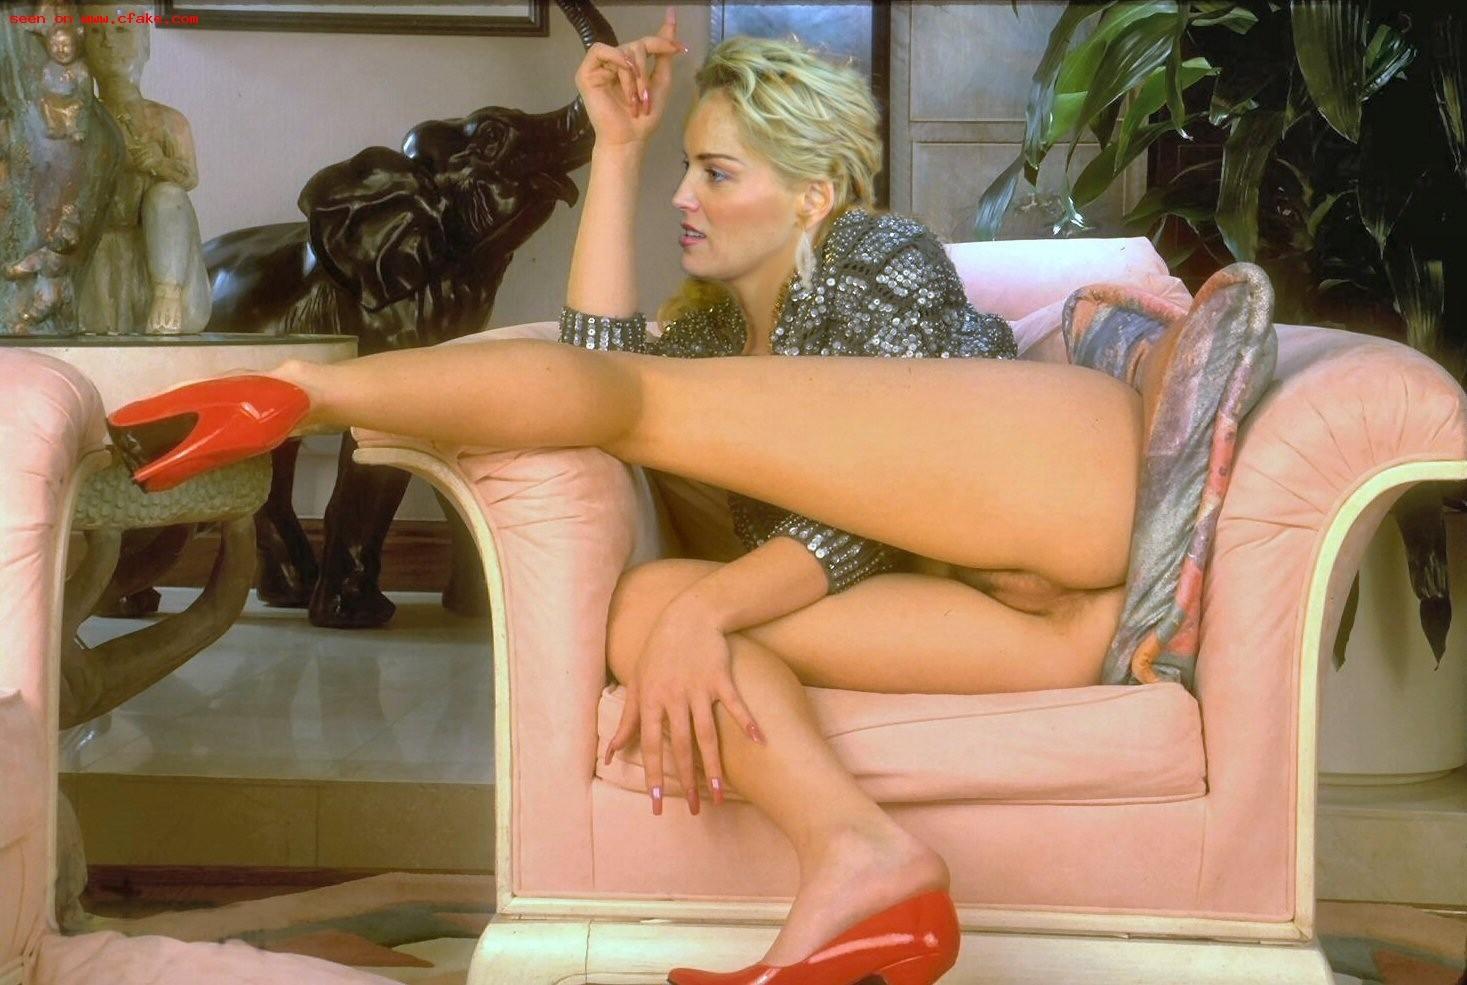 Sharon stone nude porn pics leaked, xxx sex photos